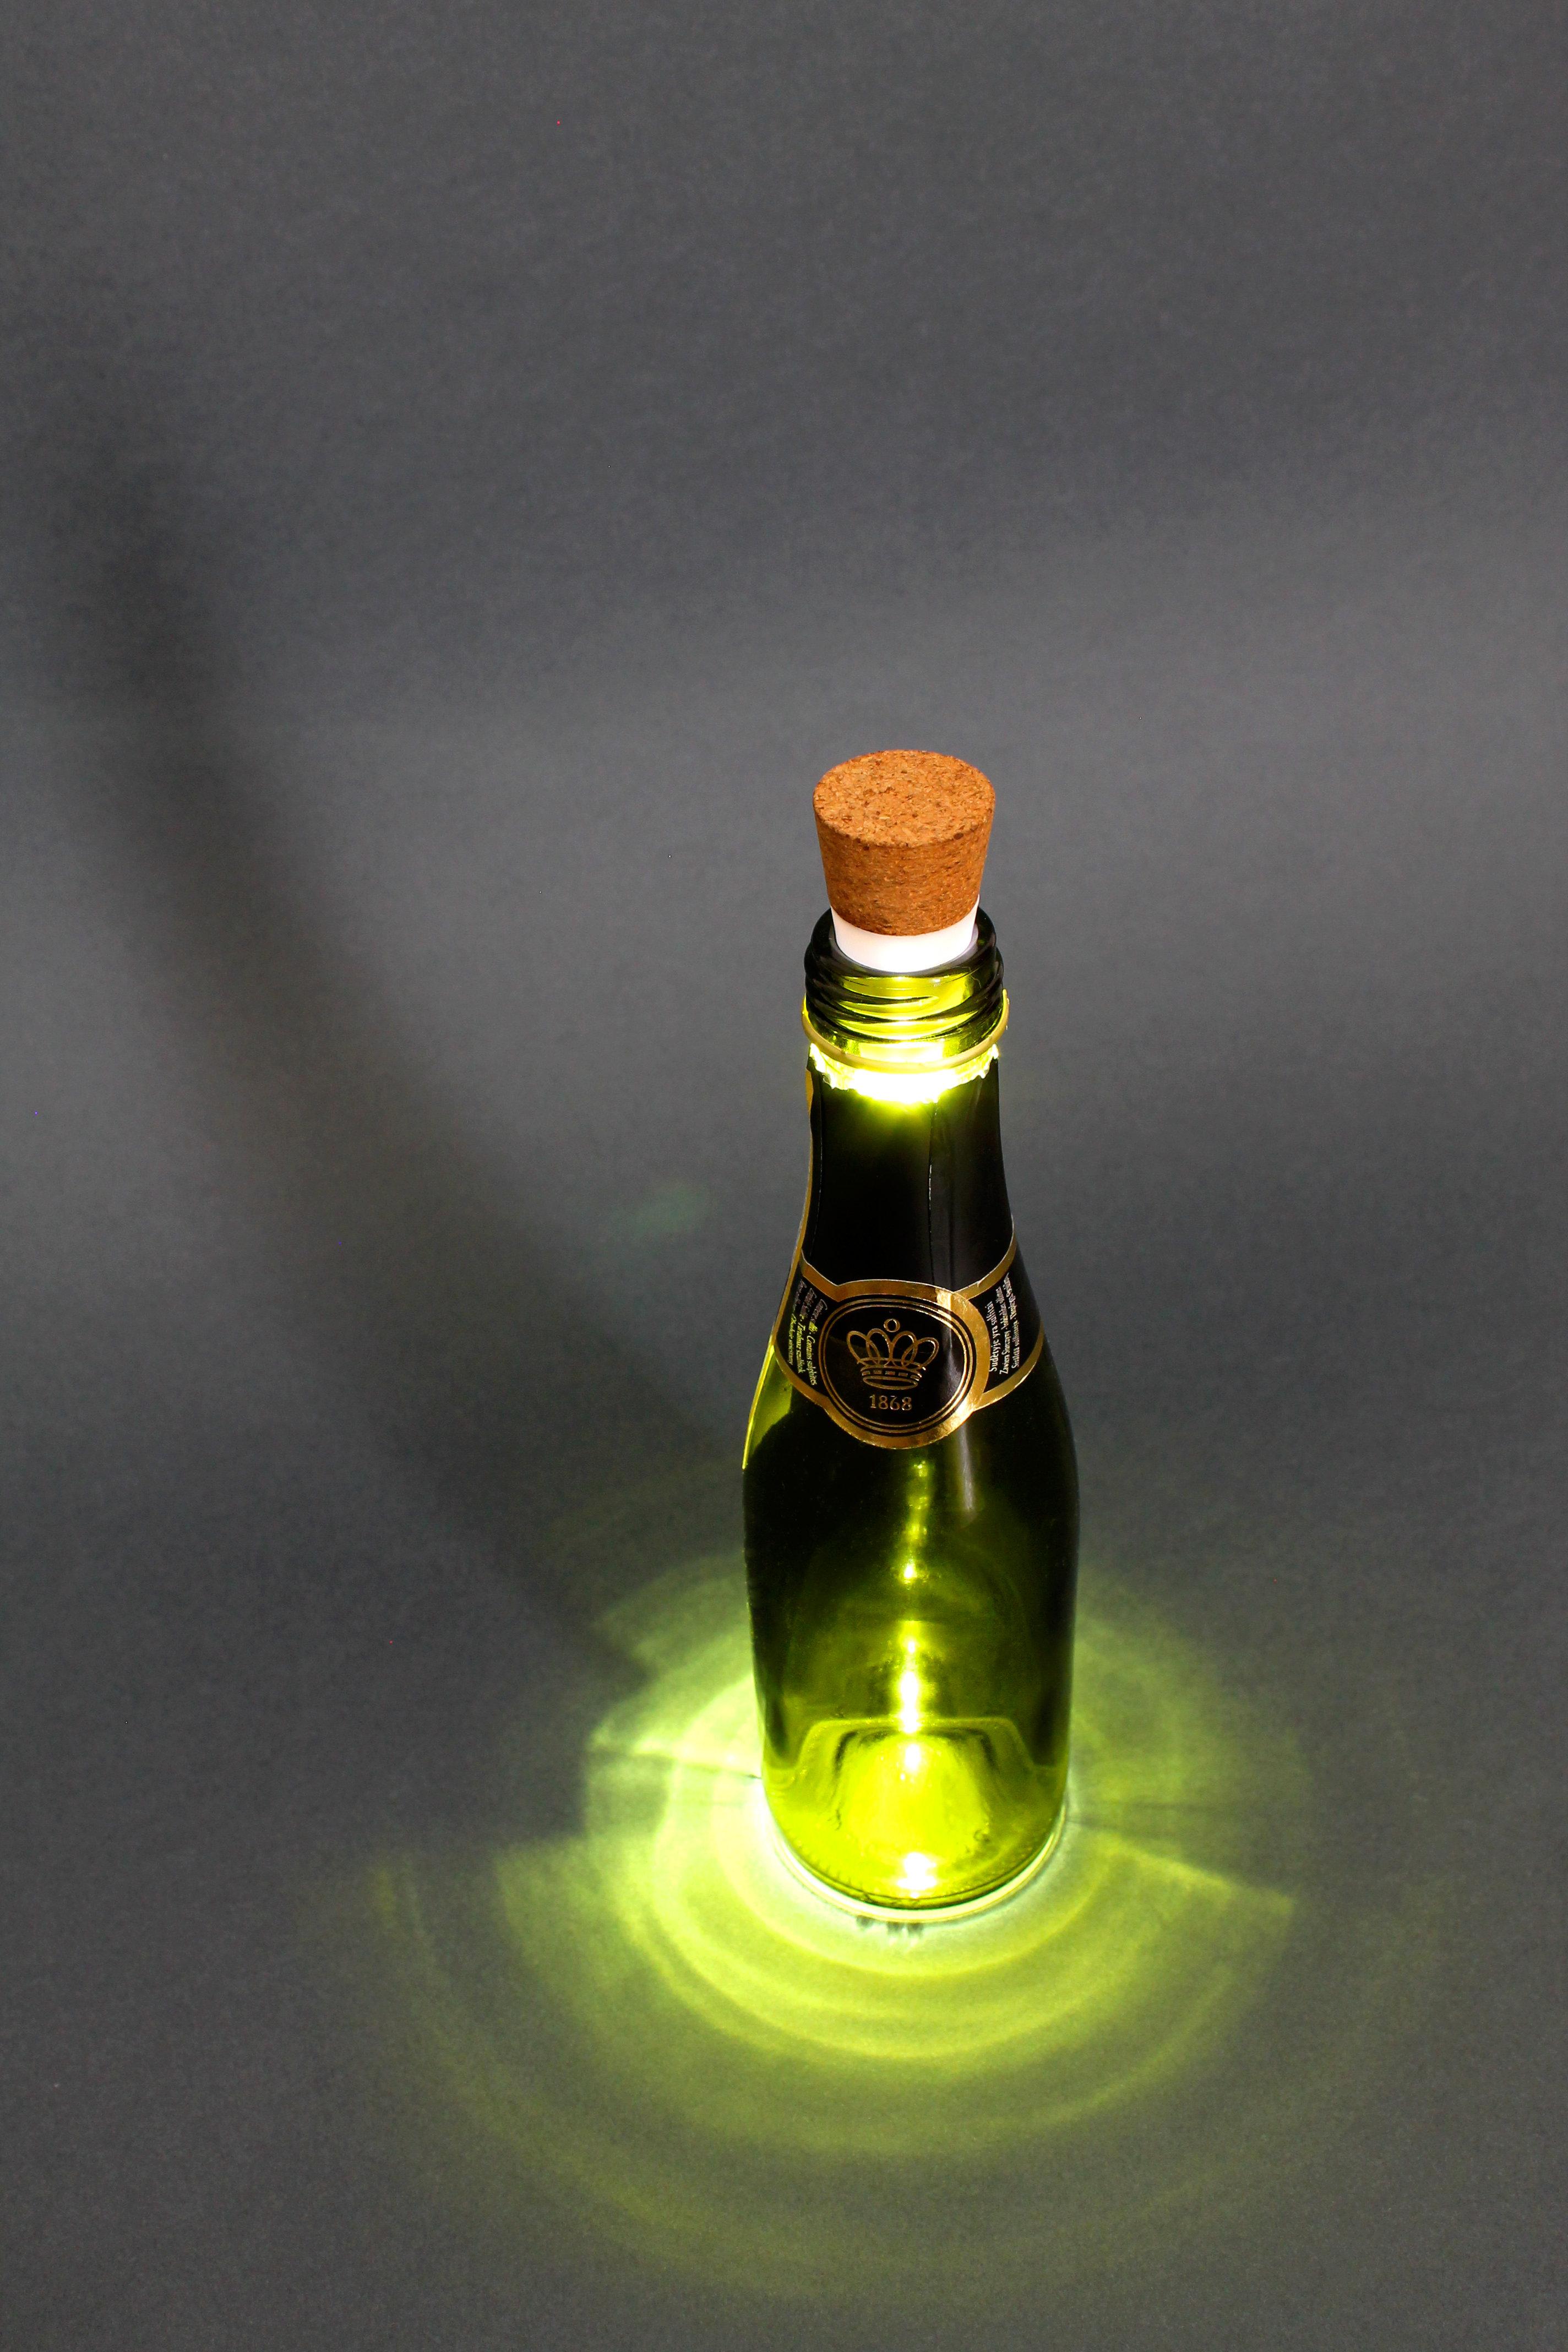 Фото бутылка в изде 6 фотография